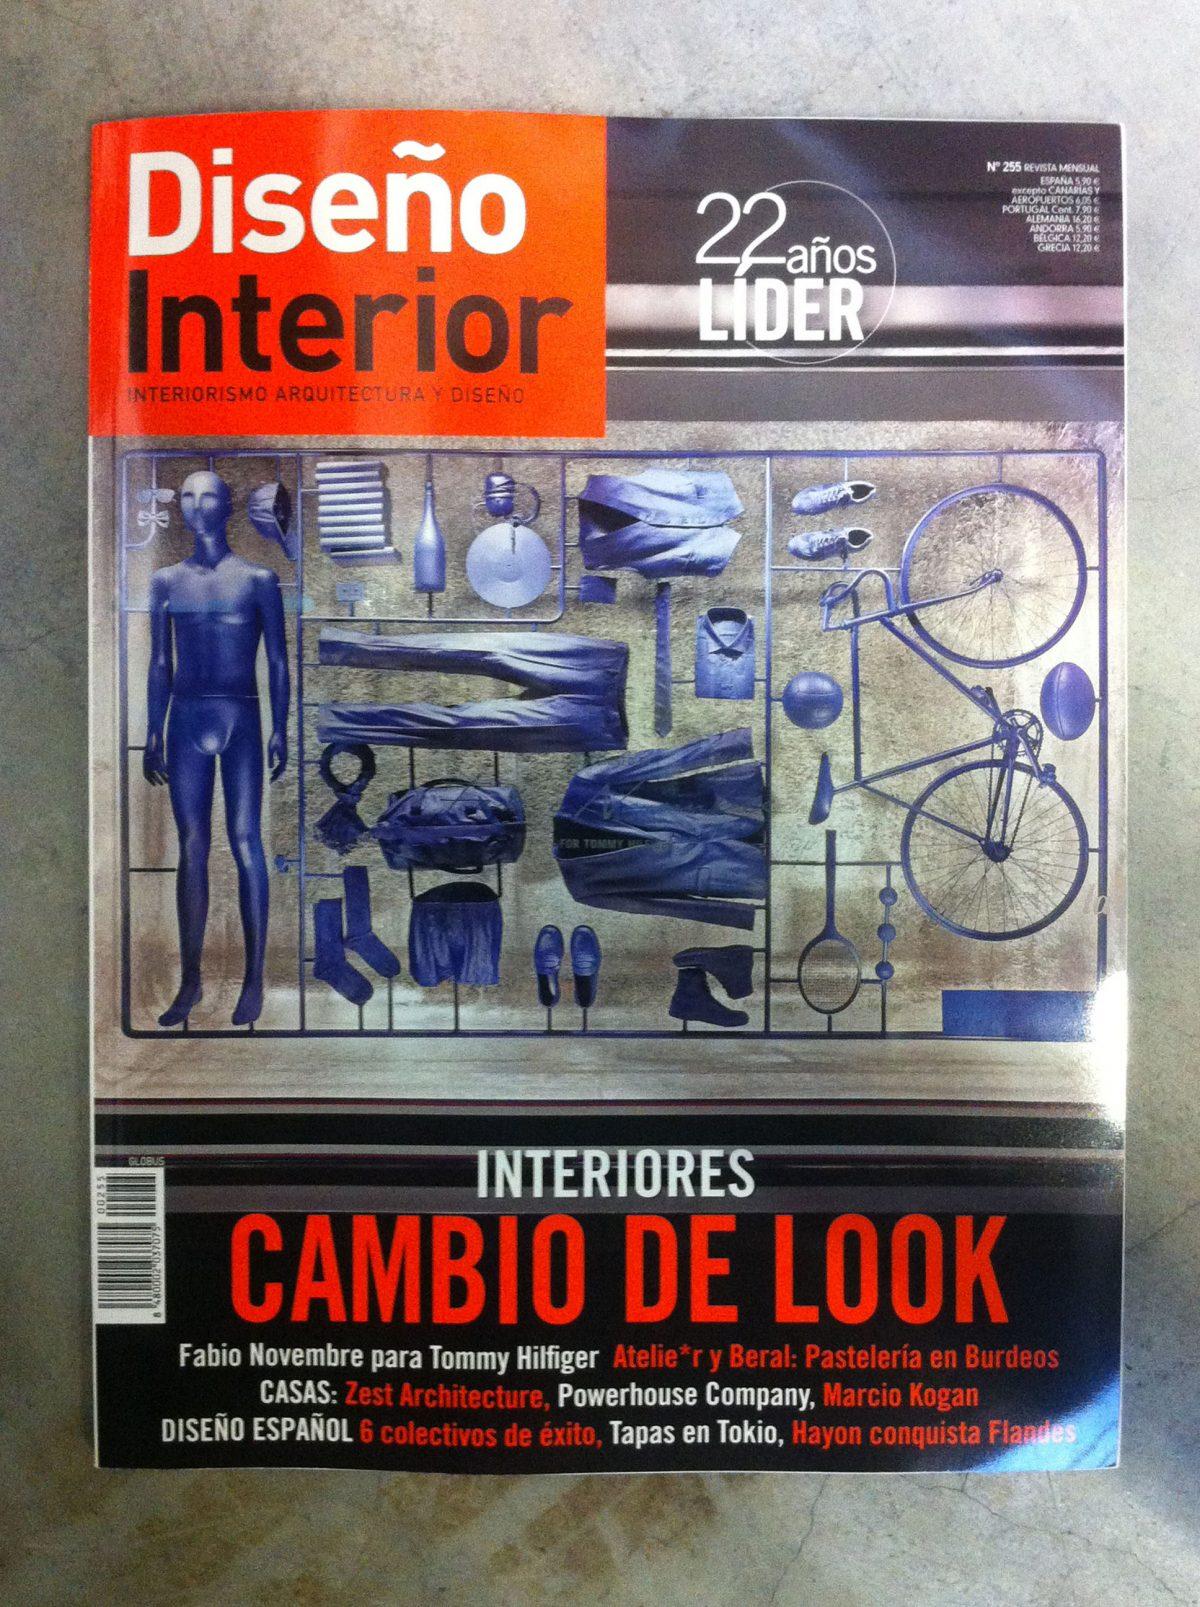 13_Diseno_Interior-copia-1200x1607.jpg